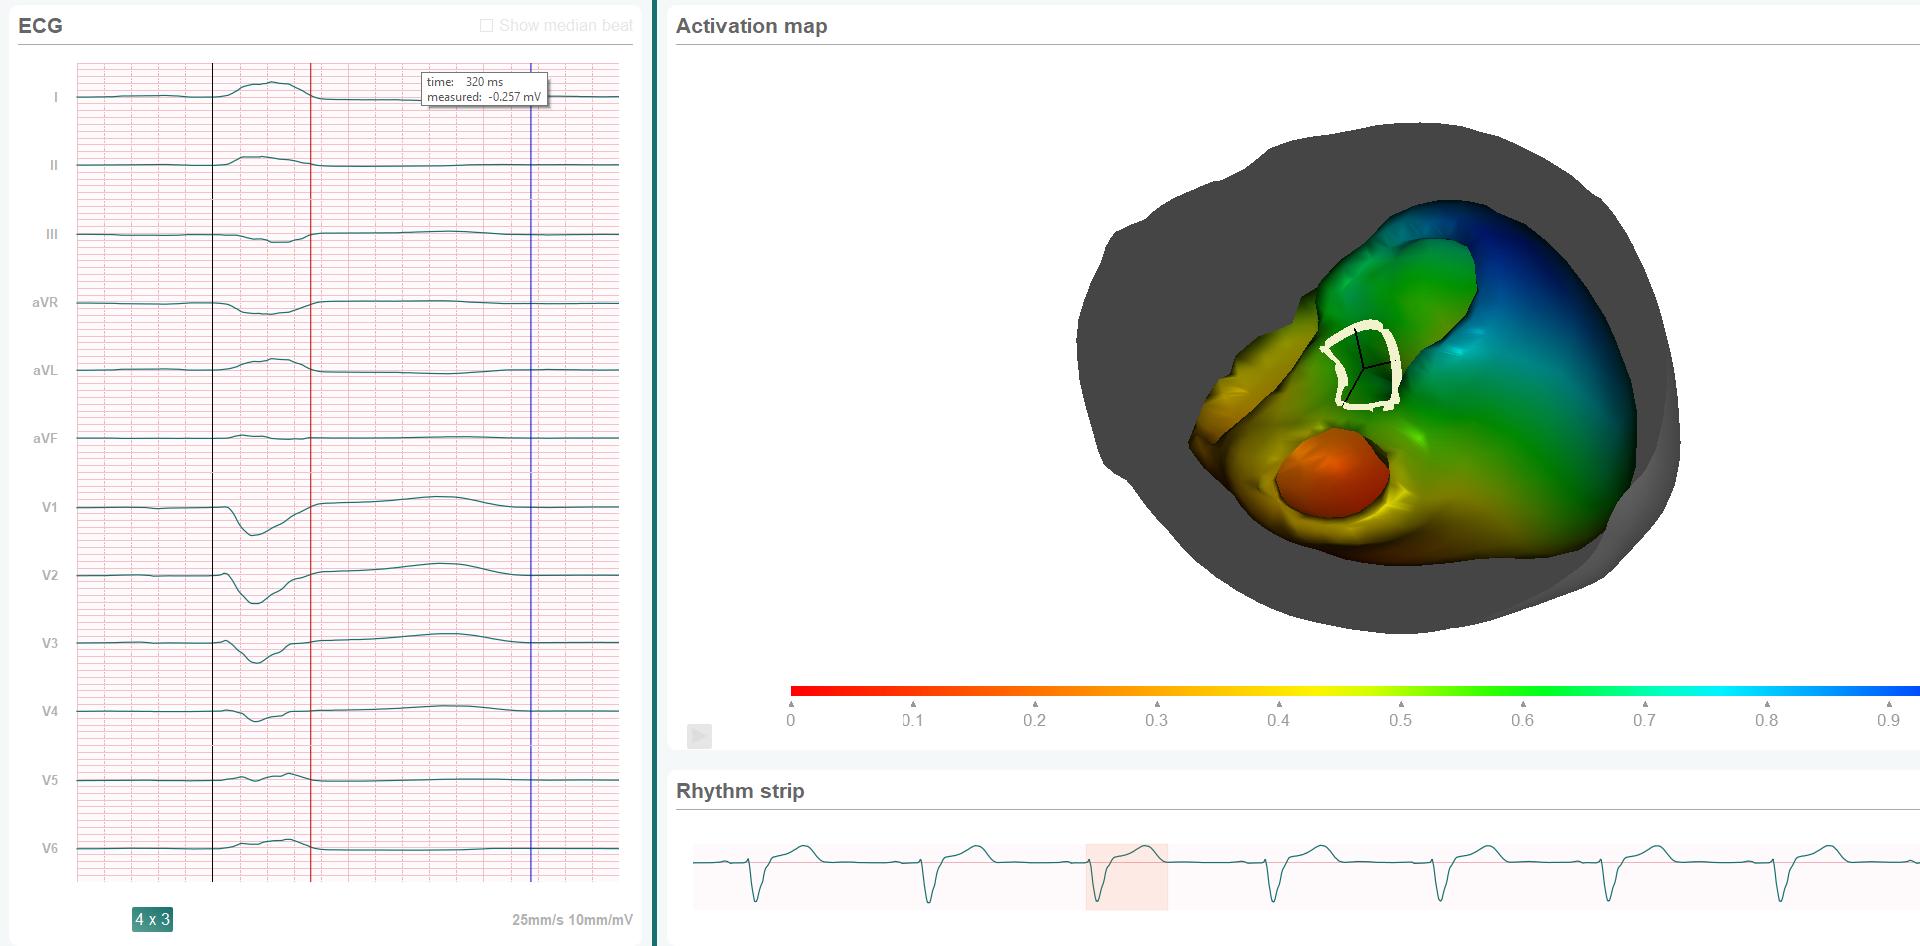 Mapper heart model